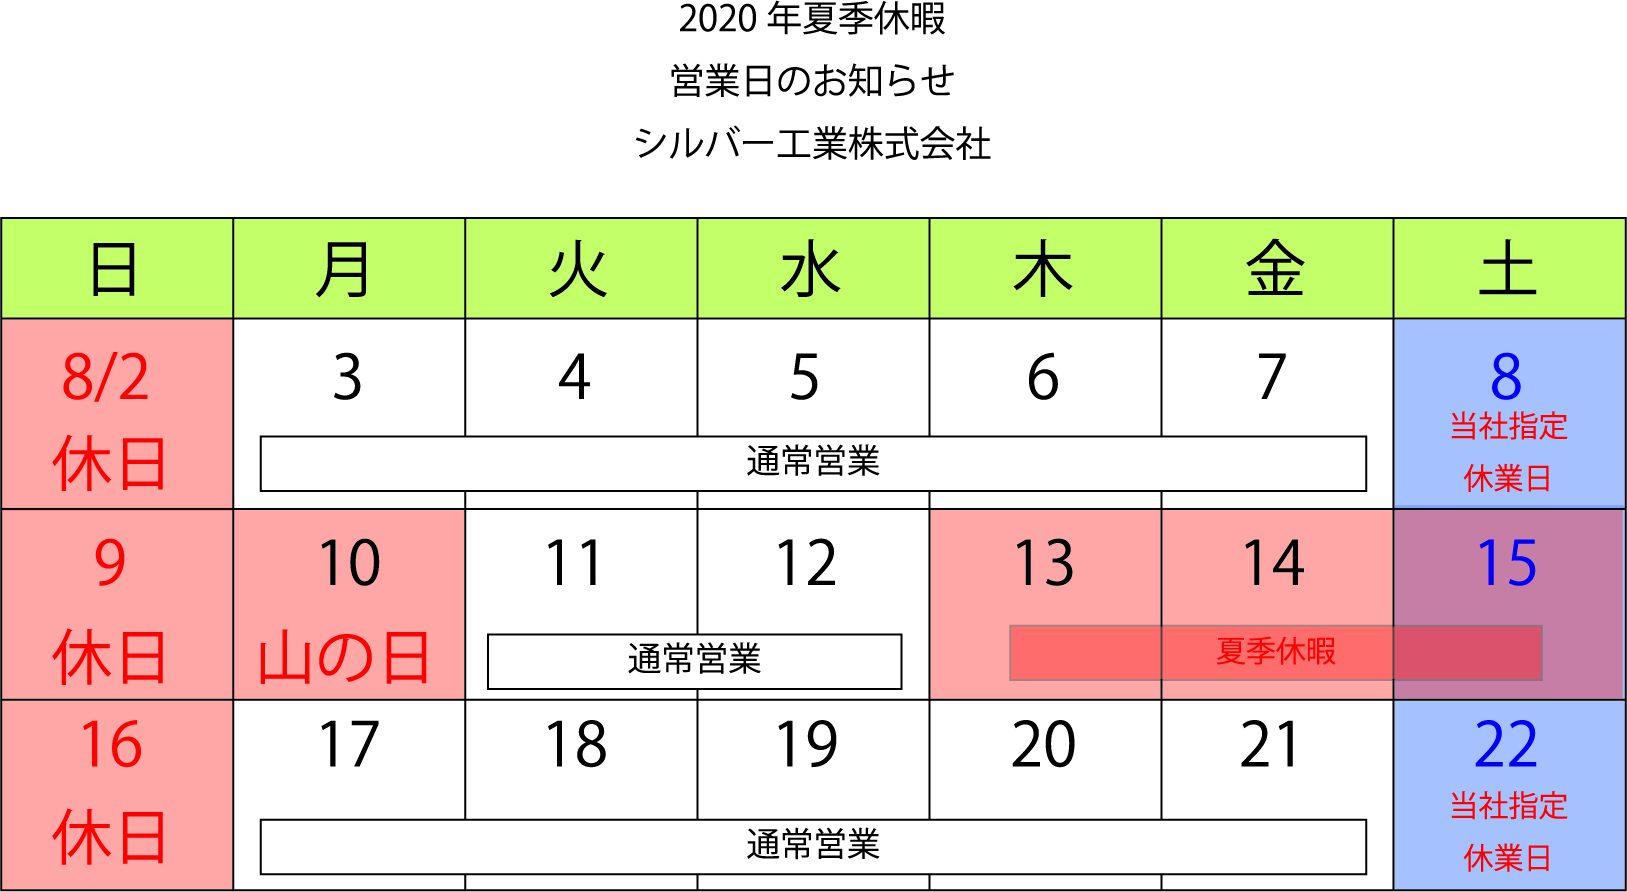 シルバー工業株式会社 夏季休暇 日程 カレンダー ピンバッジ制作 短納期